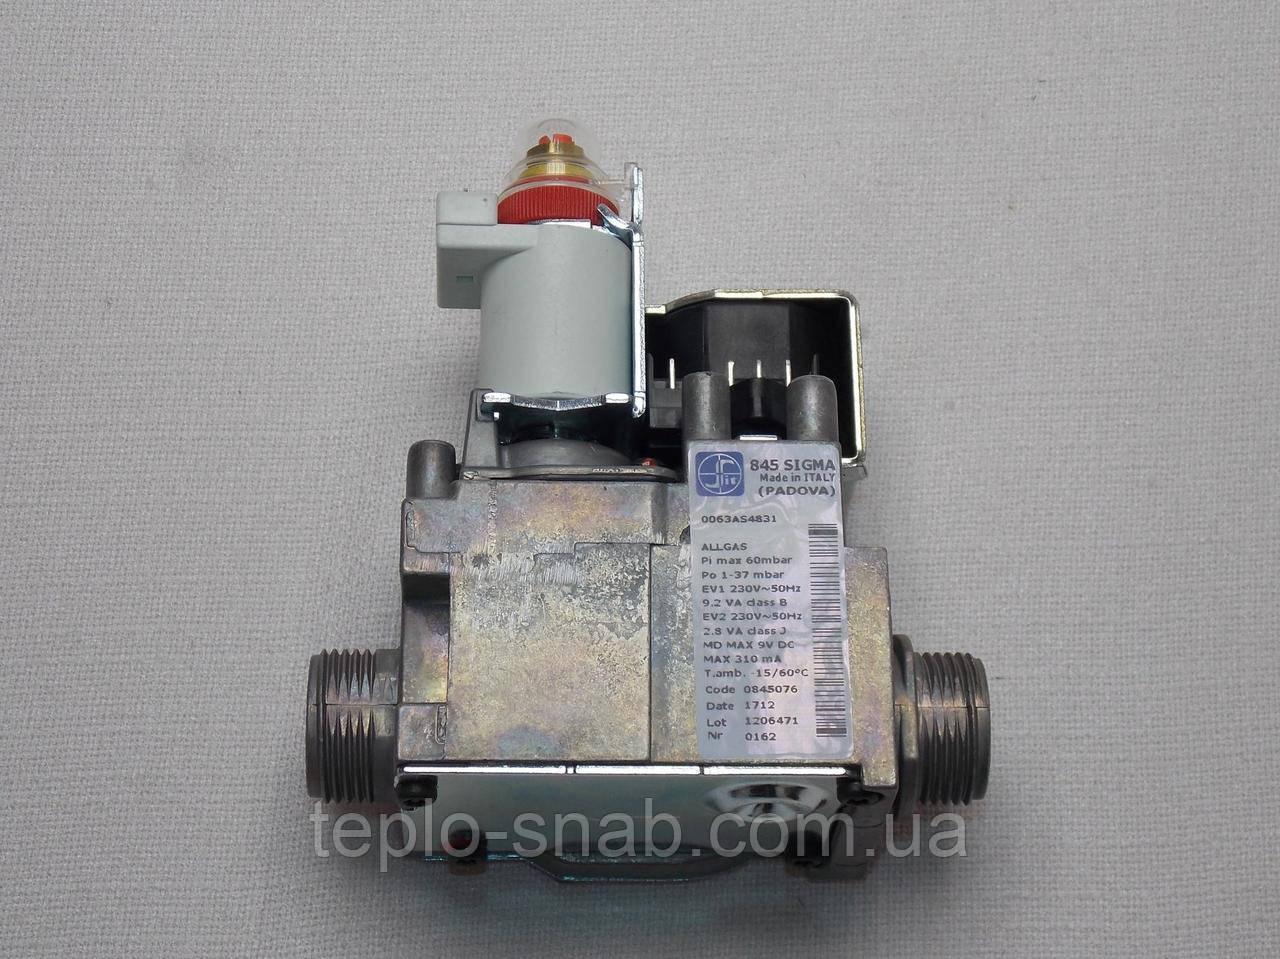 Газовий клапан Sit Sigma 845 - 0.845.076 (білий)